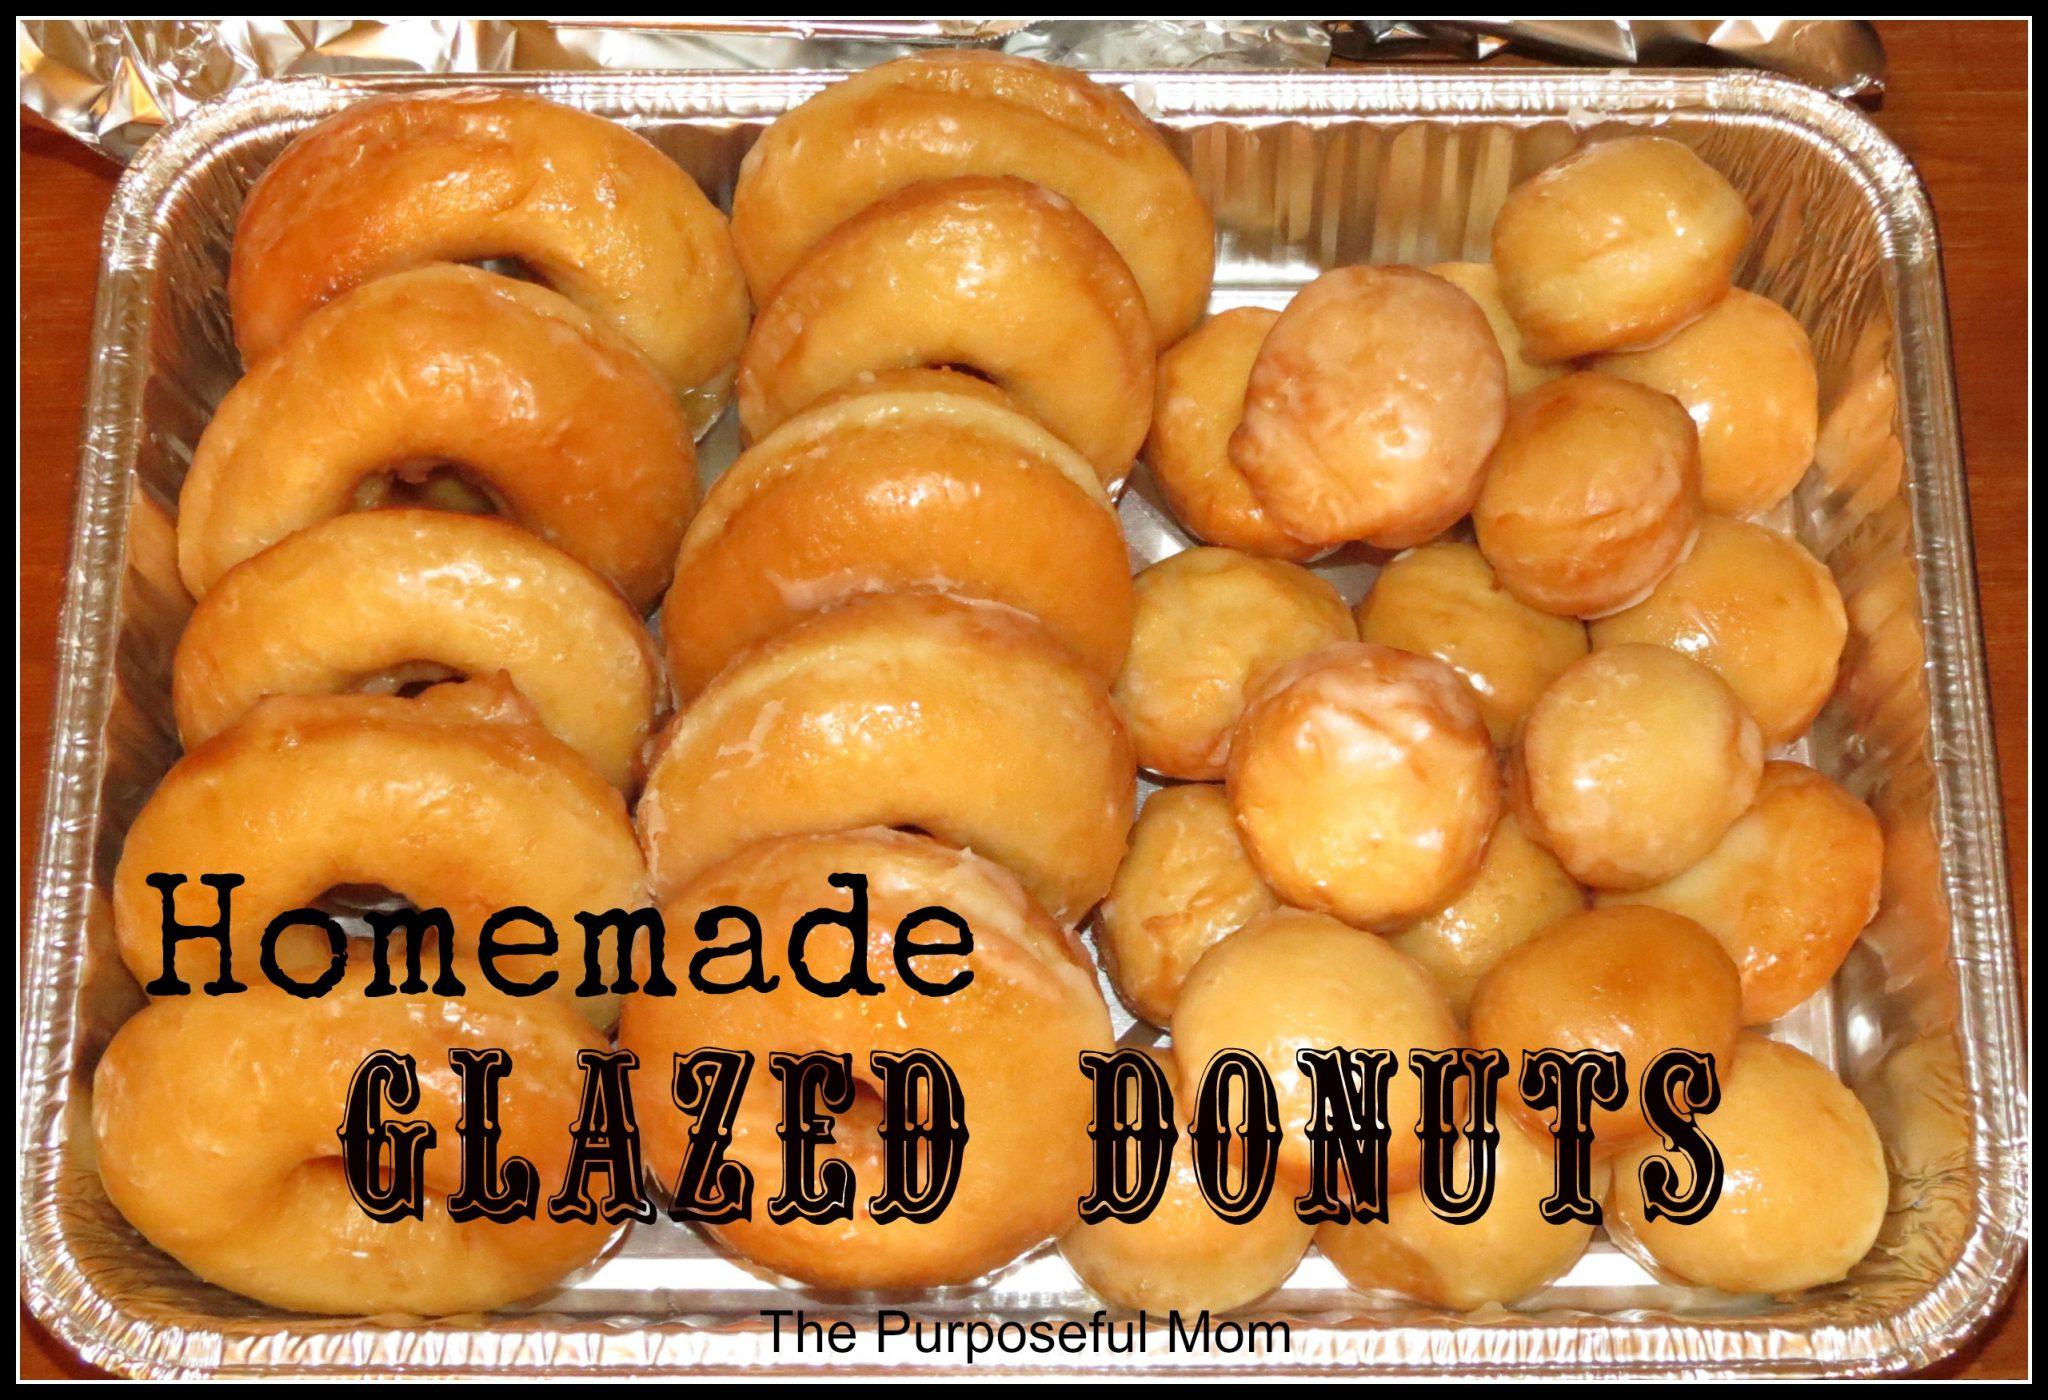 glazed donuts easy glazed donuts glazed doughnuts glazed donuts 2 ...